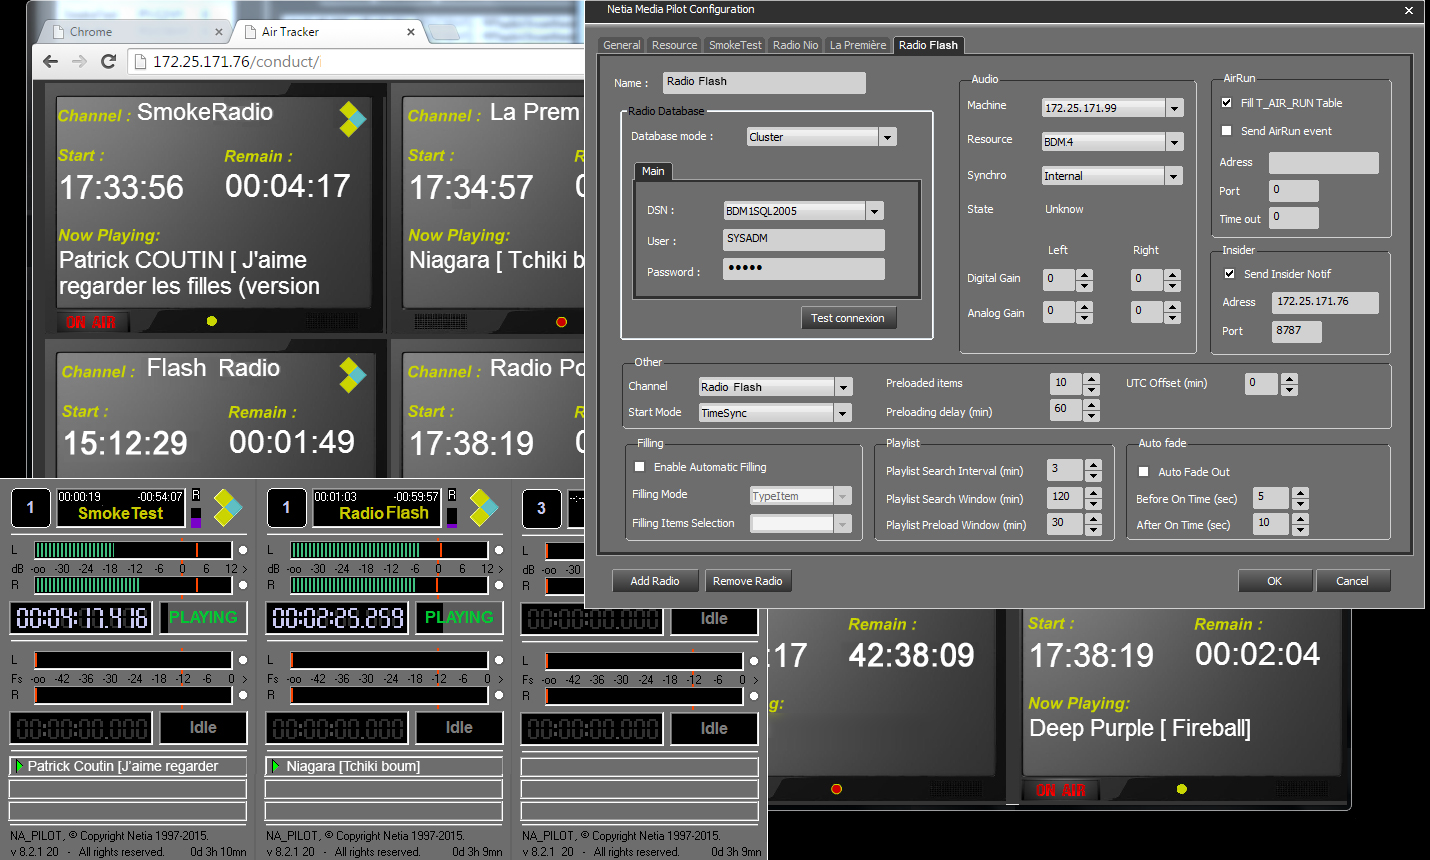 Netia lance le nouveau module AirPlaylist 2.0